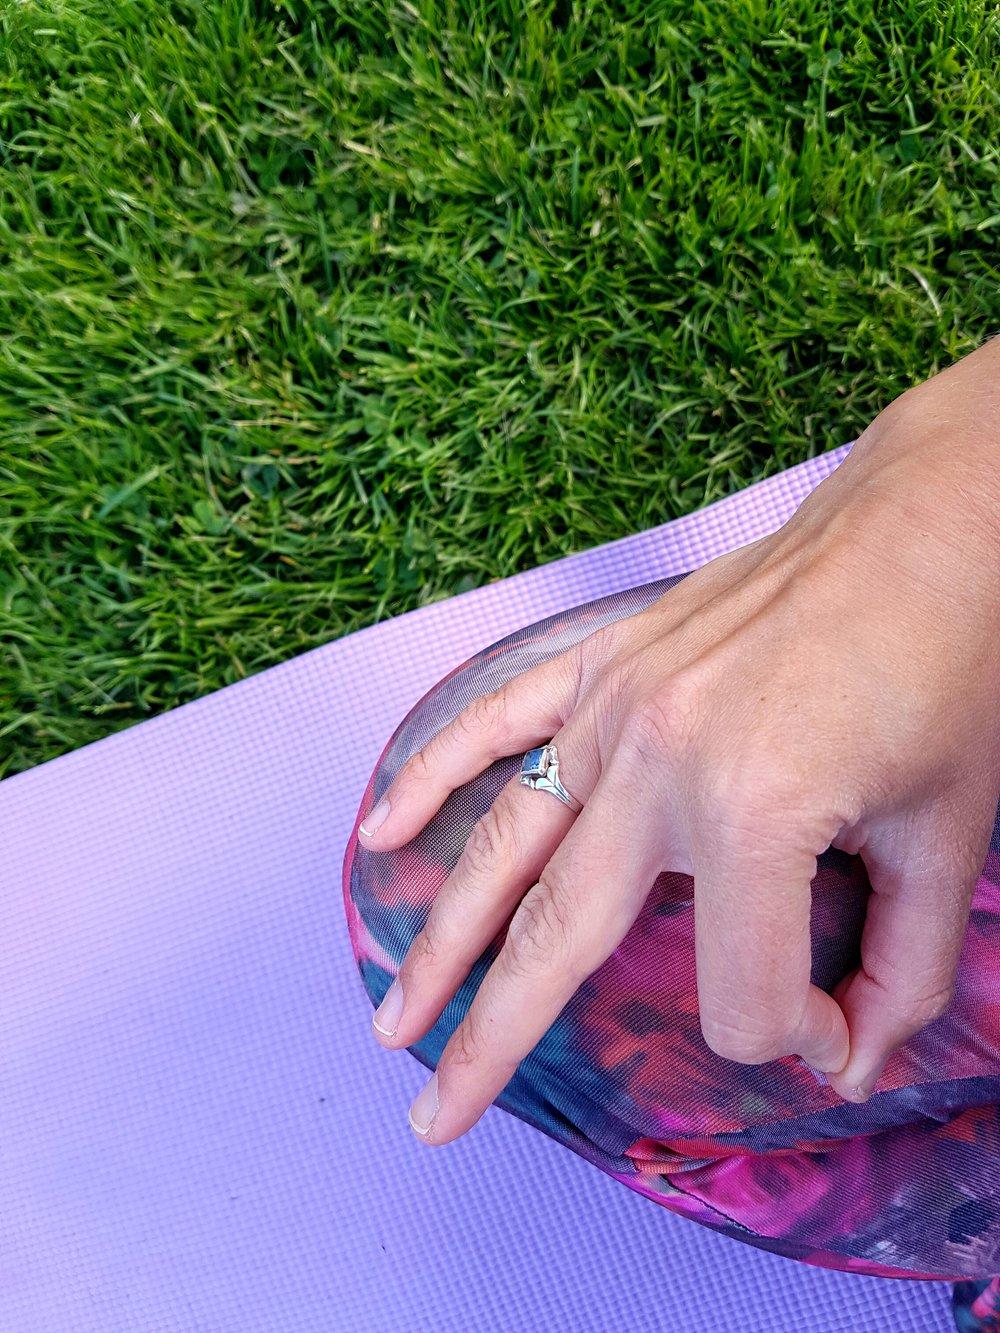 Stilla stund på yogadagen